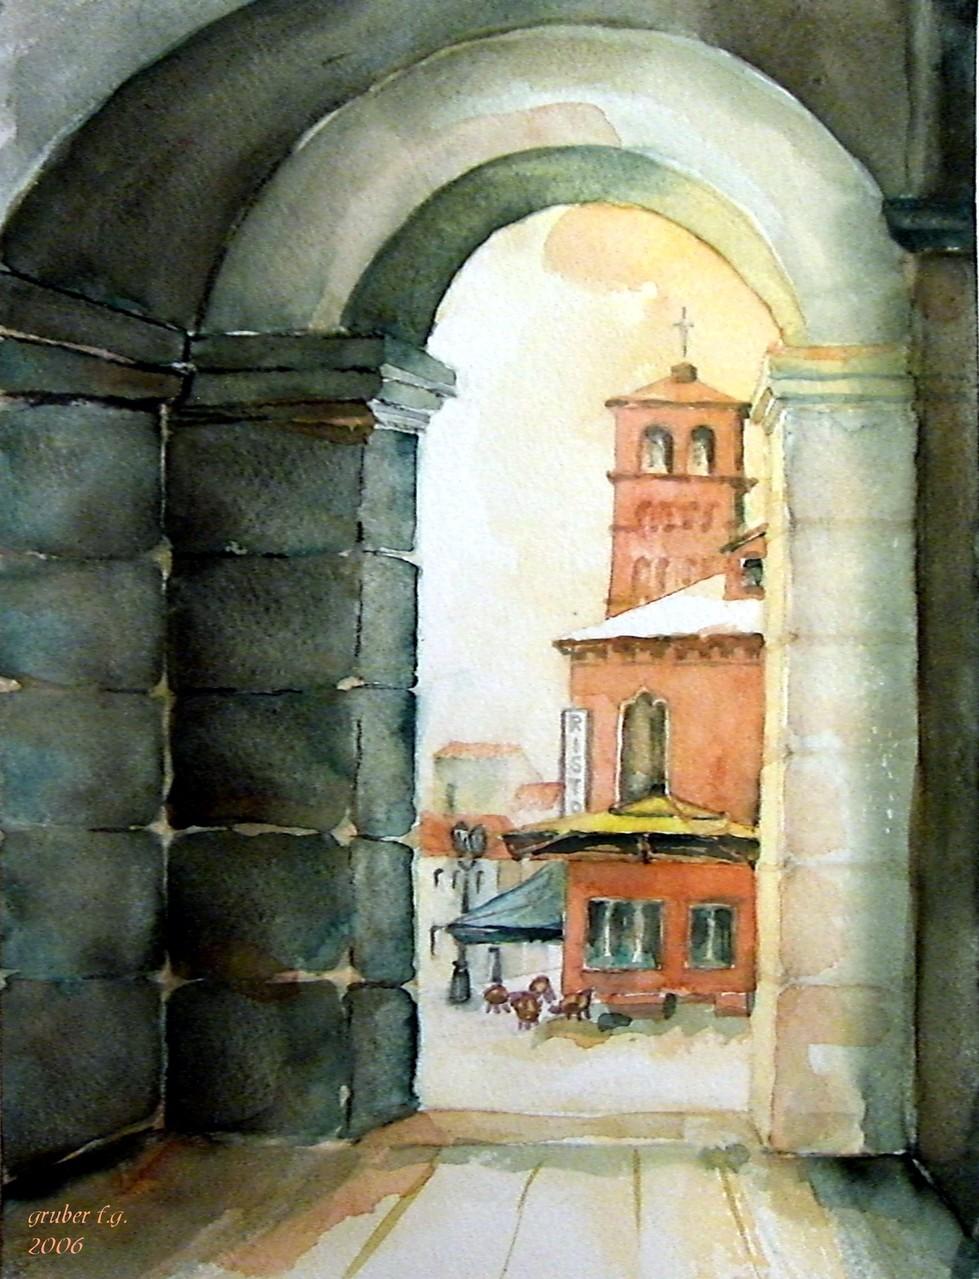 aquarell - durchblick in chioggia - italien